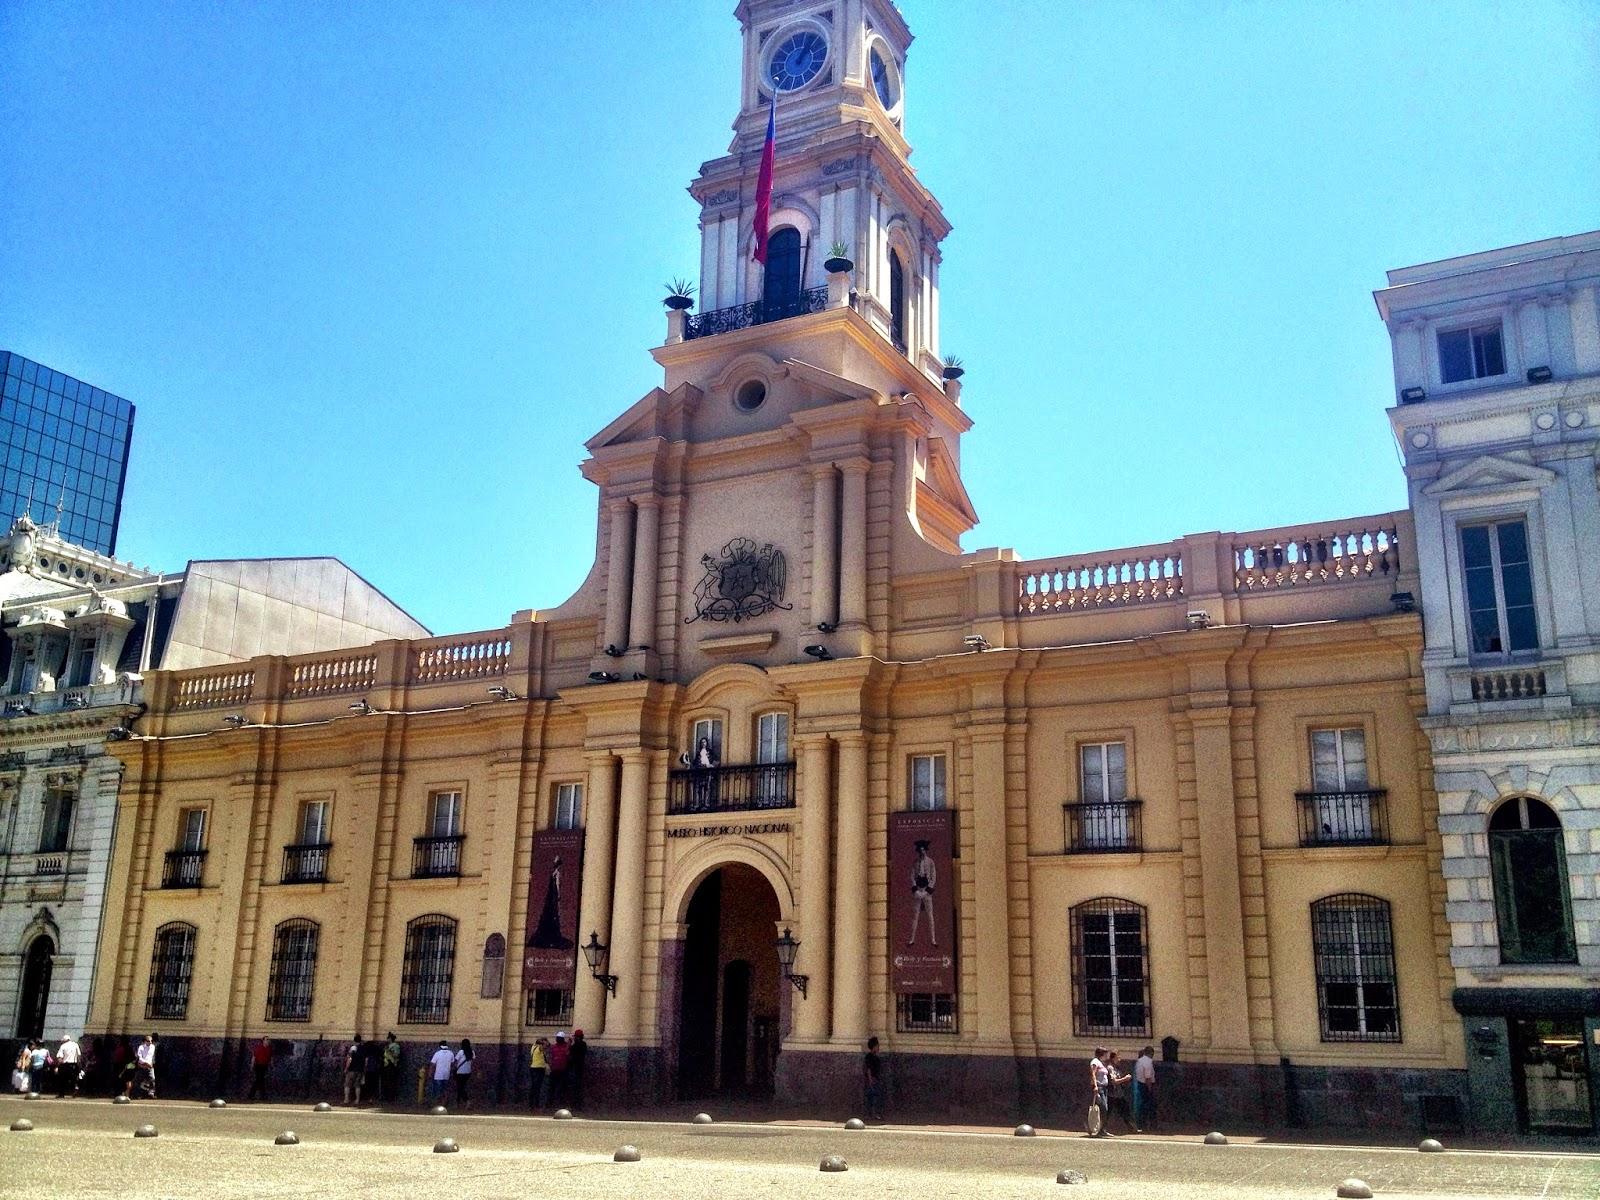 Post office building in Santiago